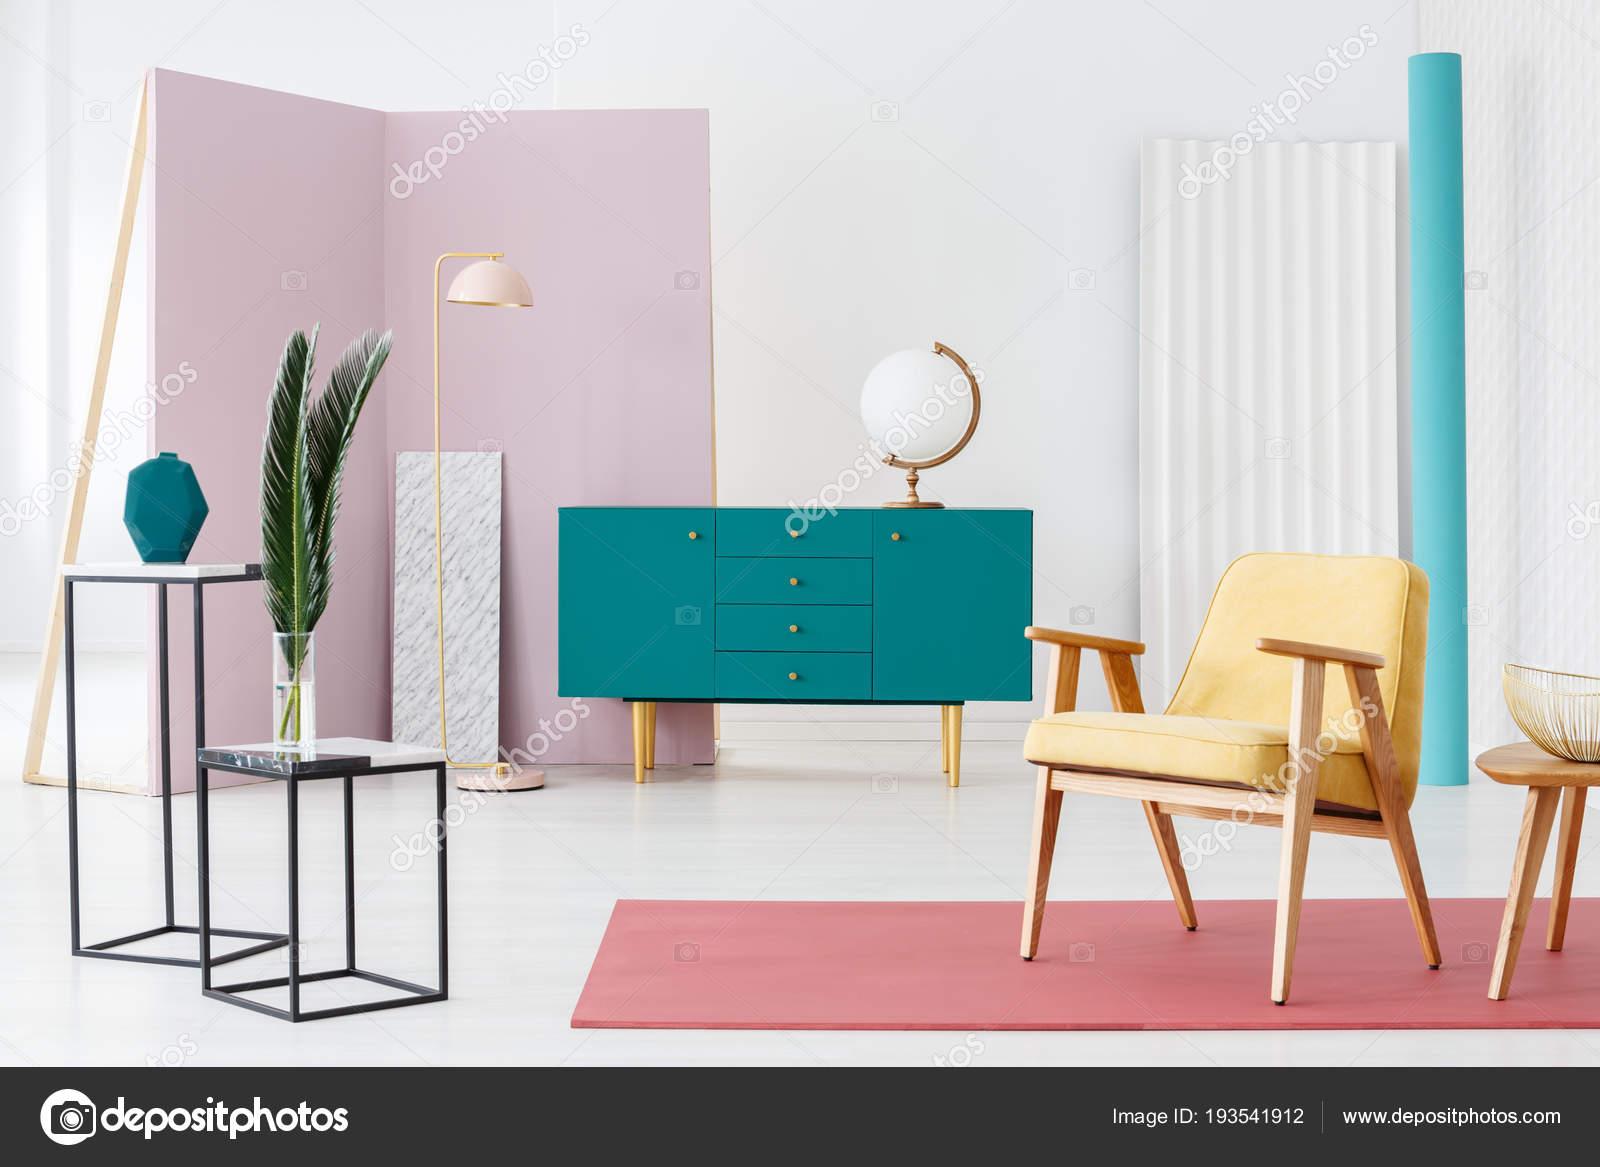 Inspiration Für Ein Designer Wohnzimmer Interieur Farbschema Mit ...